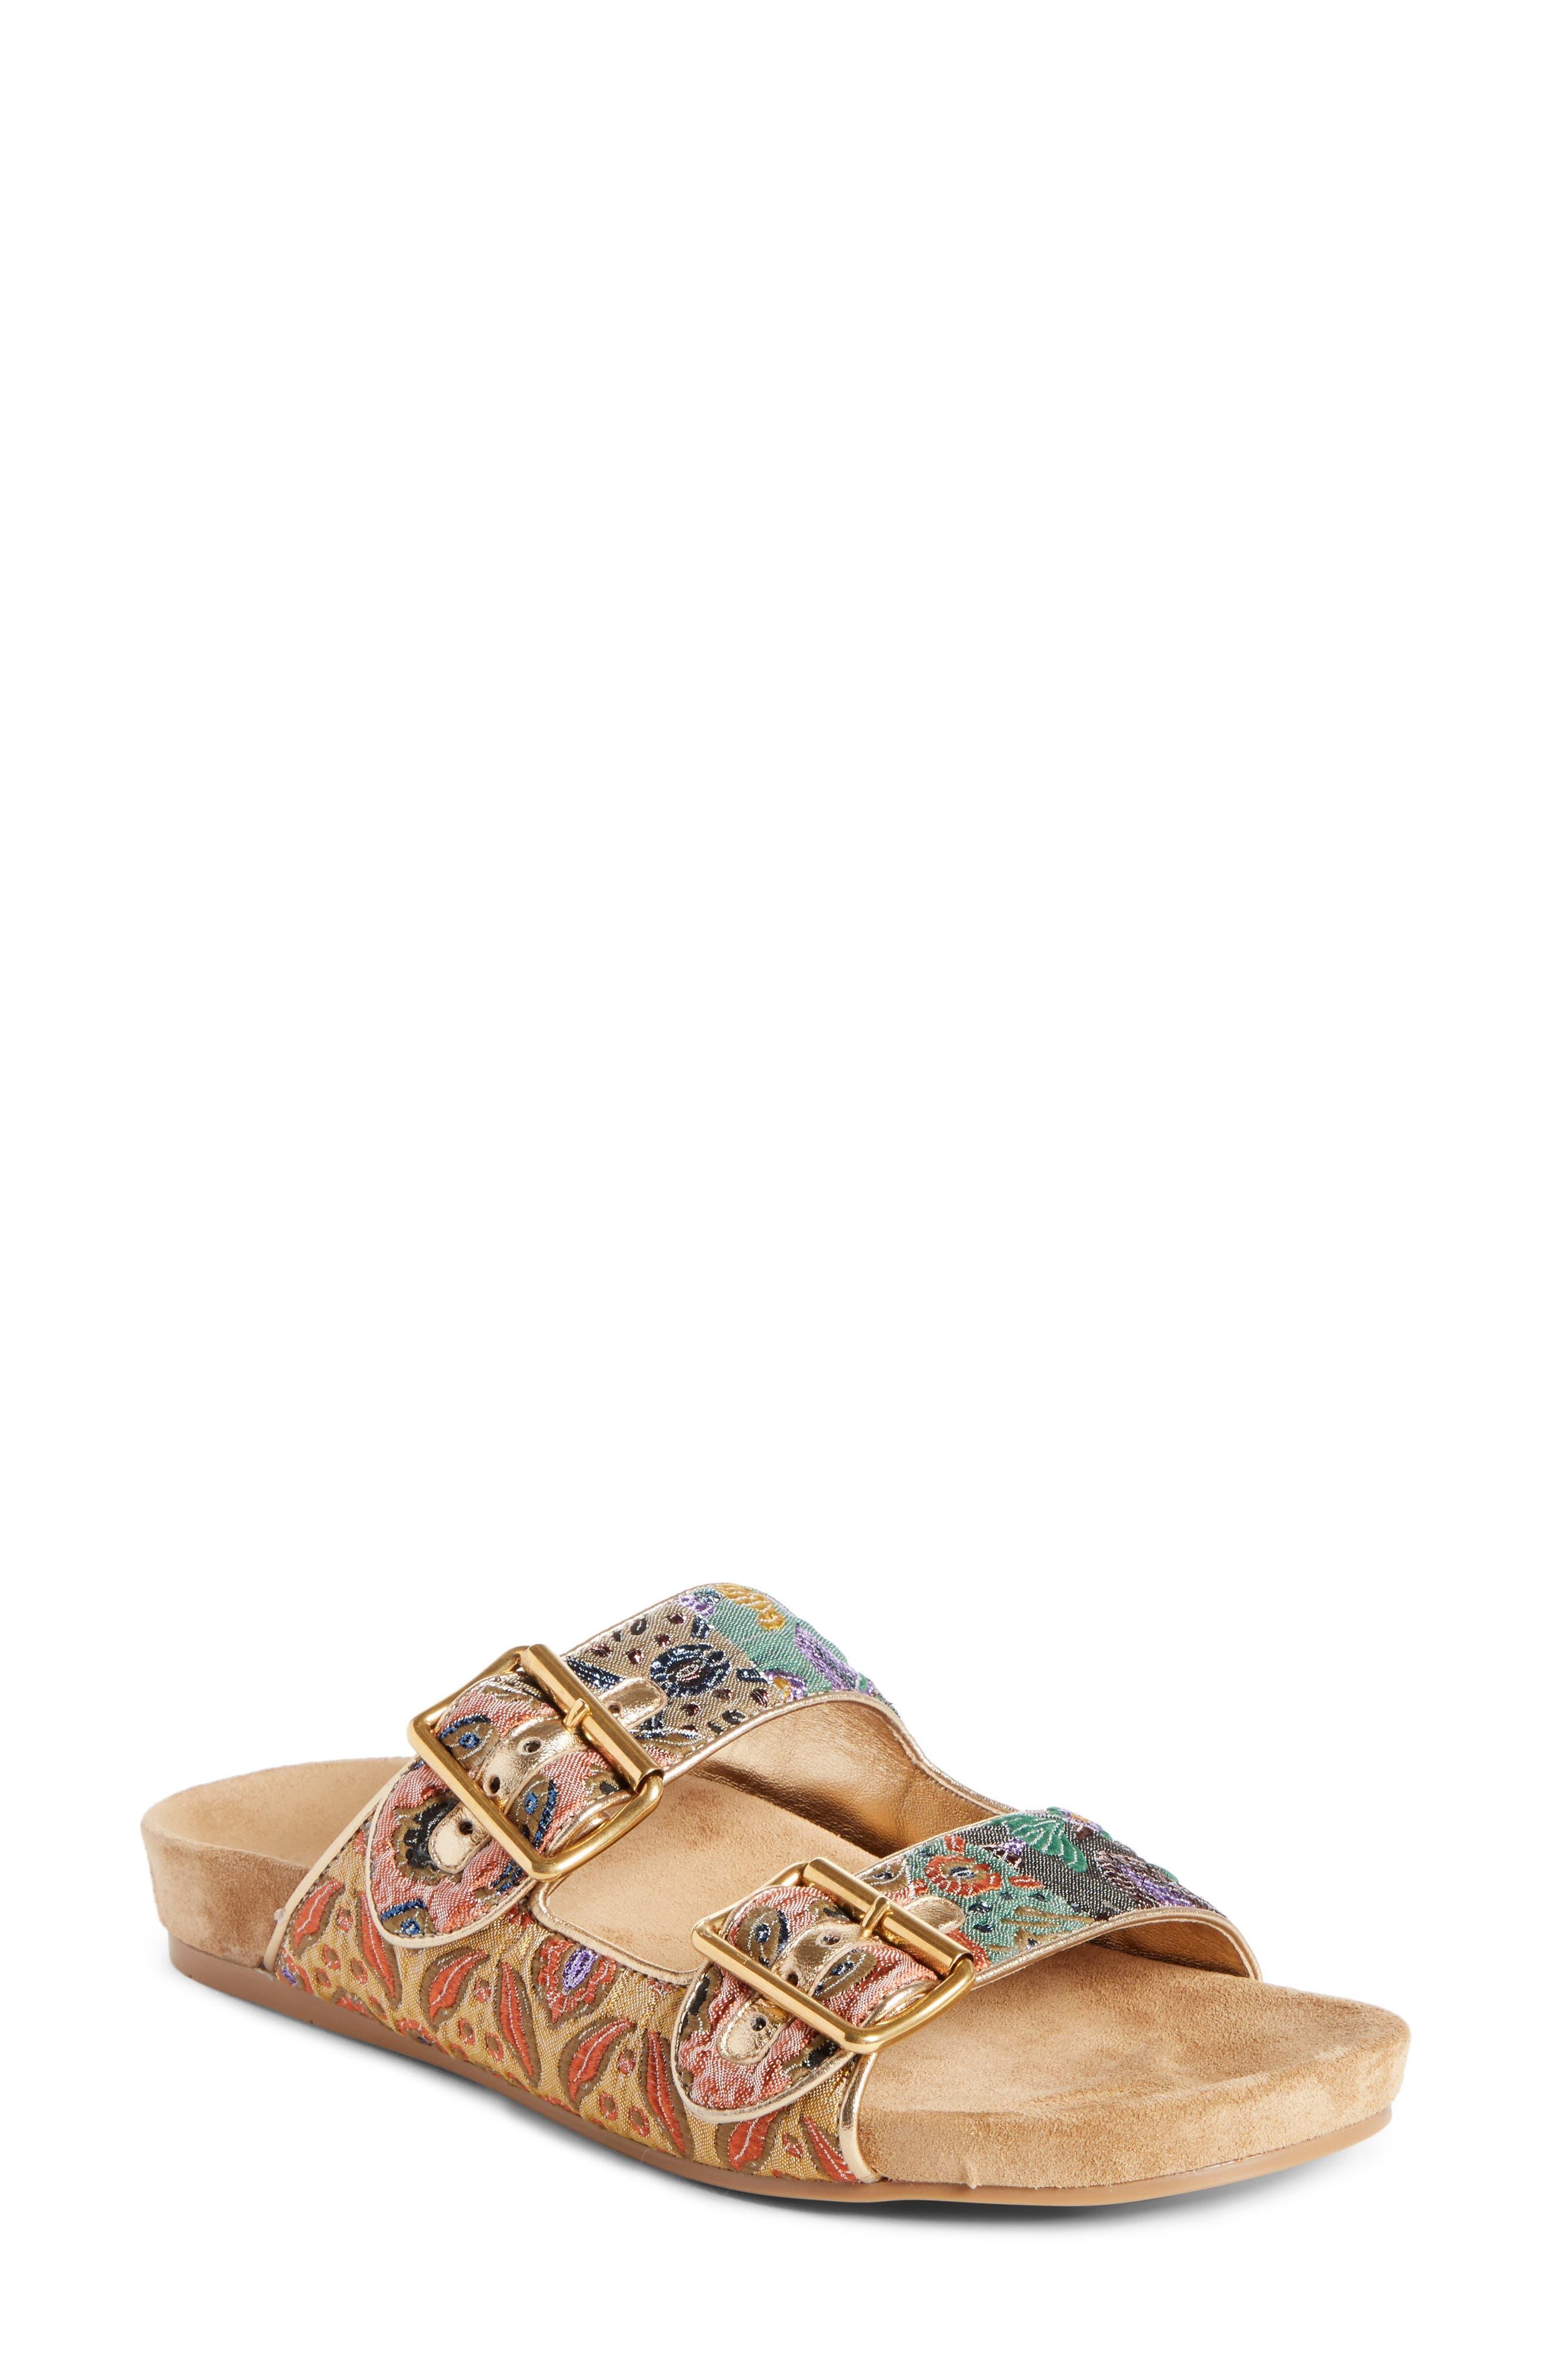 Alternate Image 1 Selected - Prada Glitter Slide Sandal (Women)